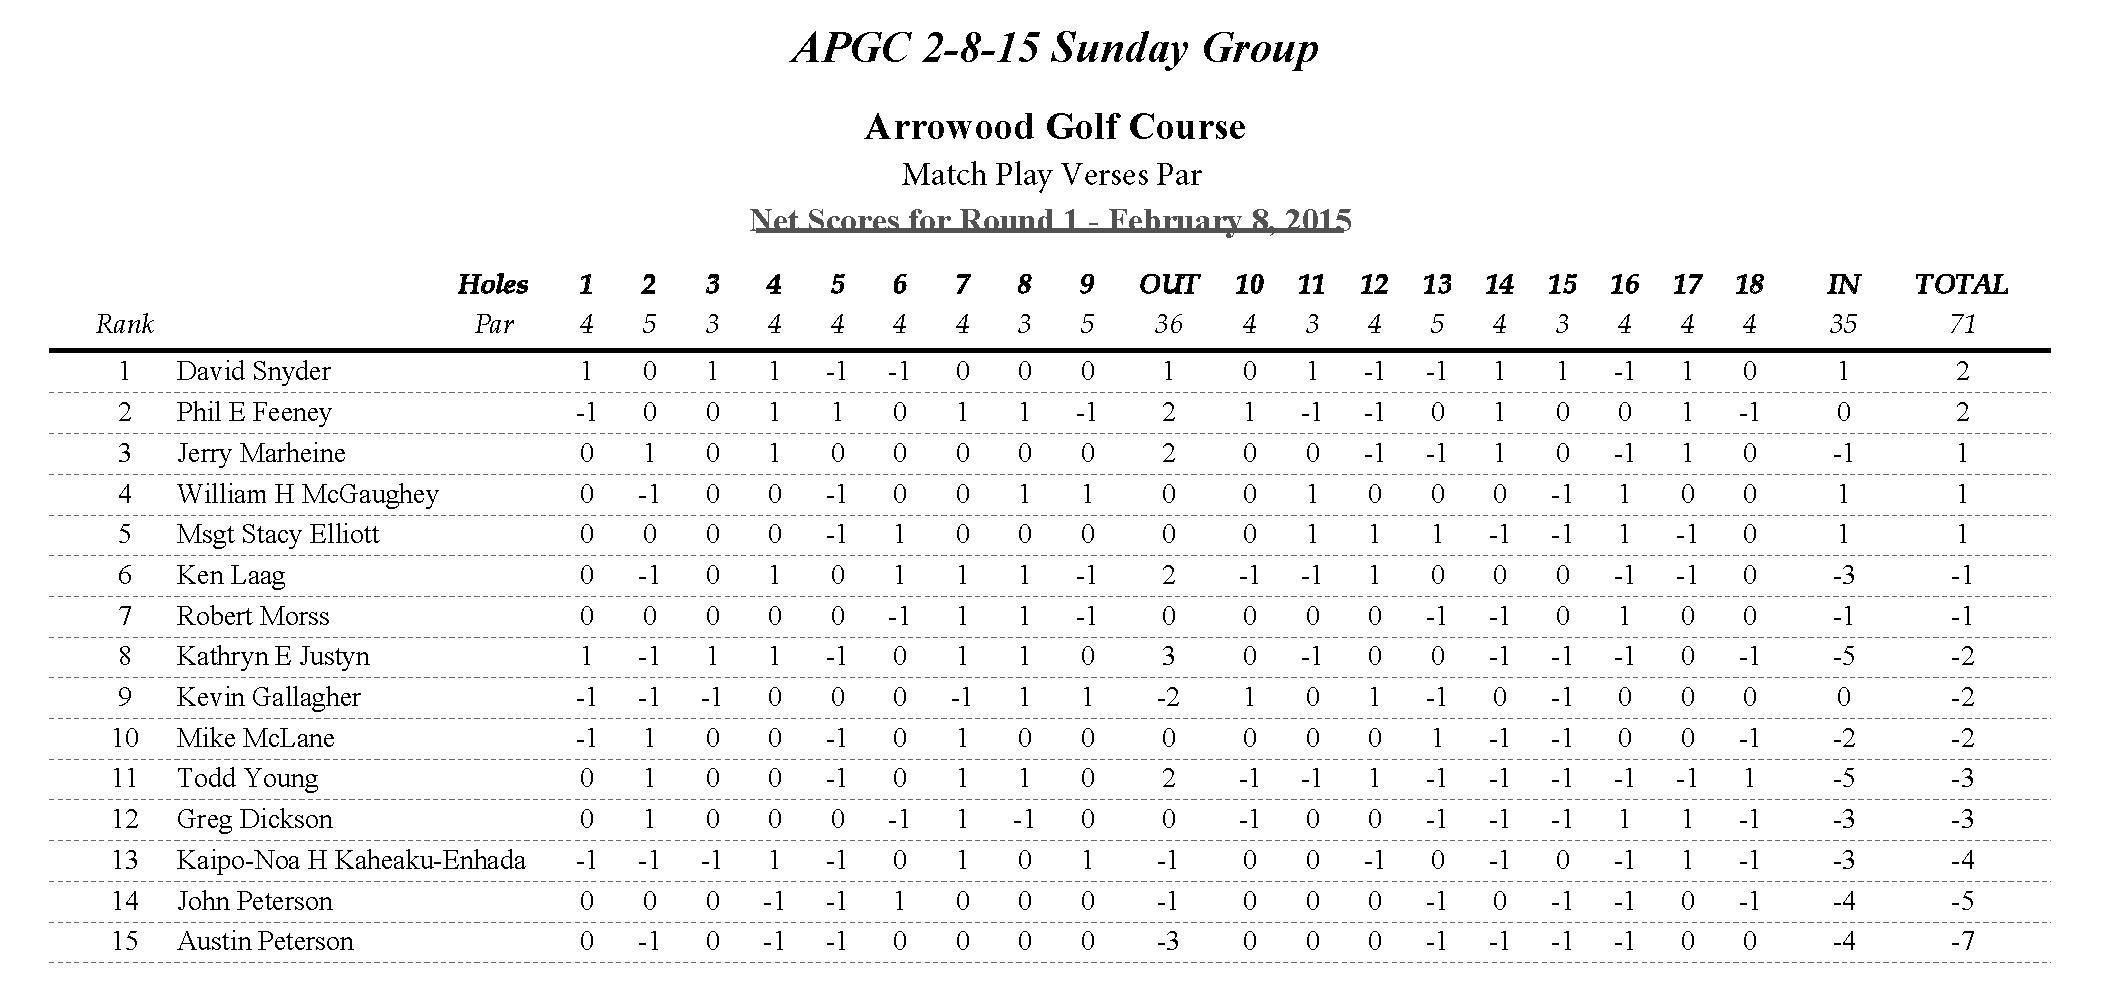 APGC 2-8-15